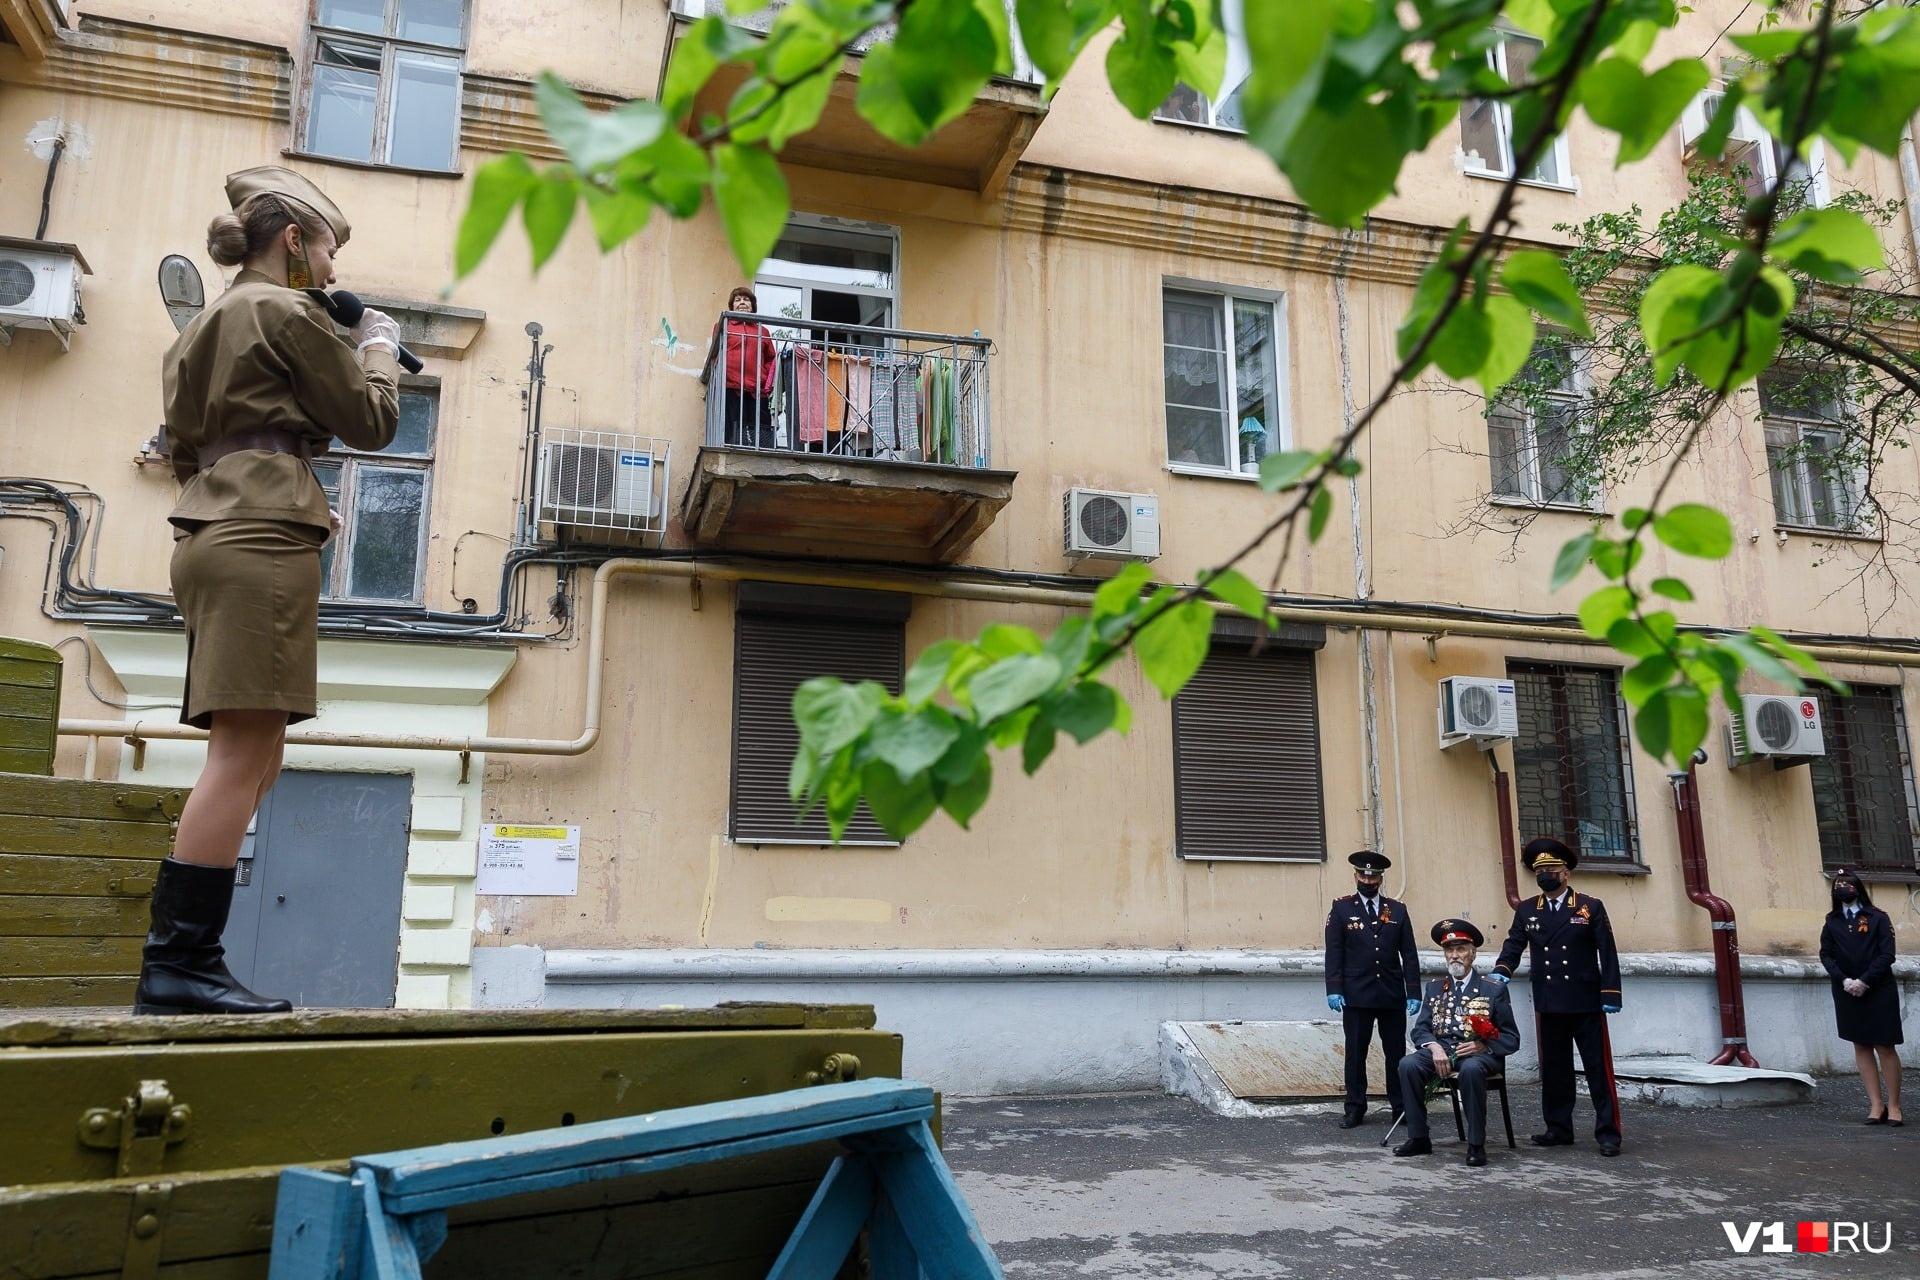 «Внимание! В вашем доме живет герой». С этих слов волгоградские полицейские начинали концерты под окнами ветеранов, оставшихся на День Победы в самоизоляции. Максимум, что они могли себе позволить в день, — выйти из подъезда навстречу артистам